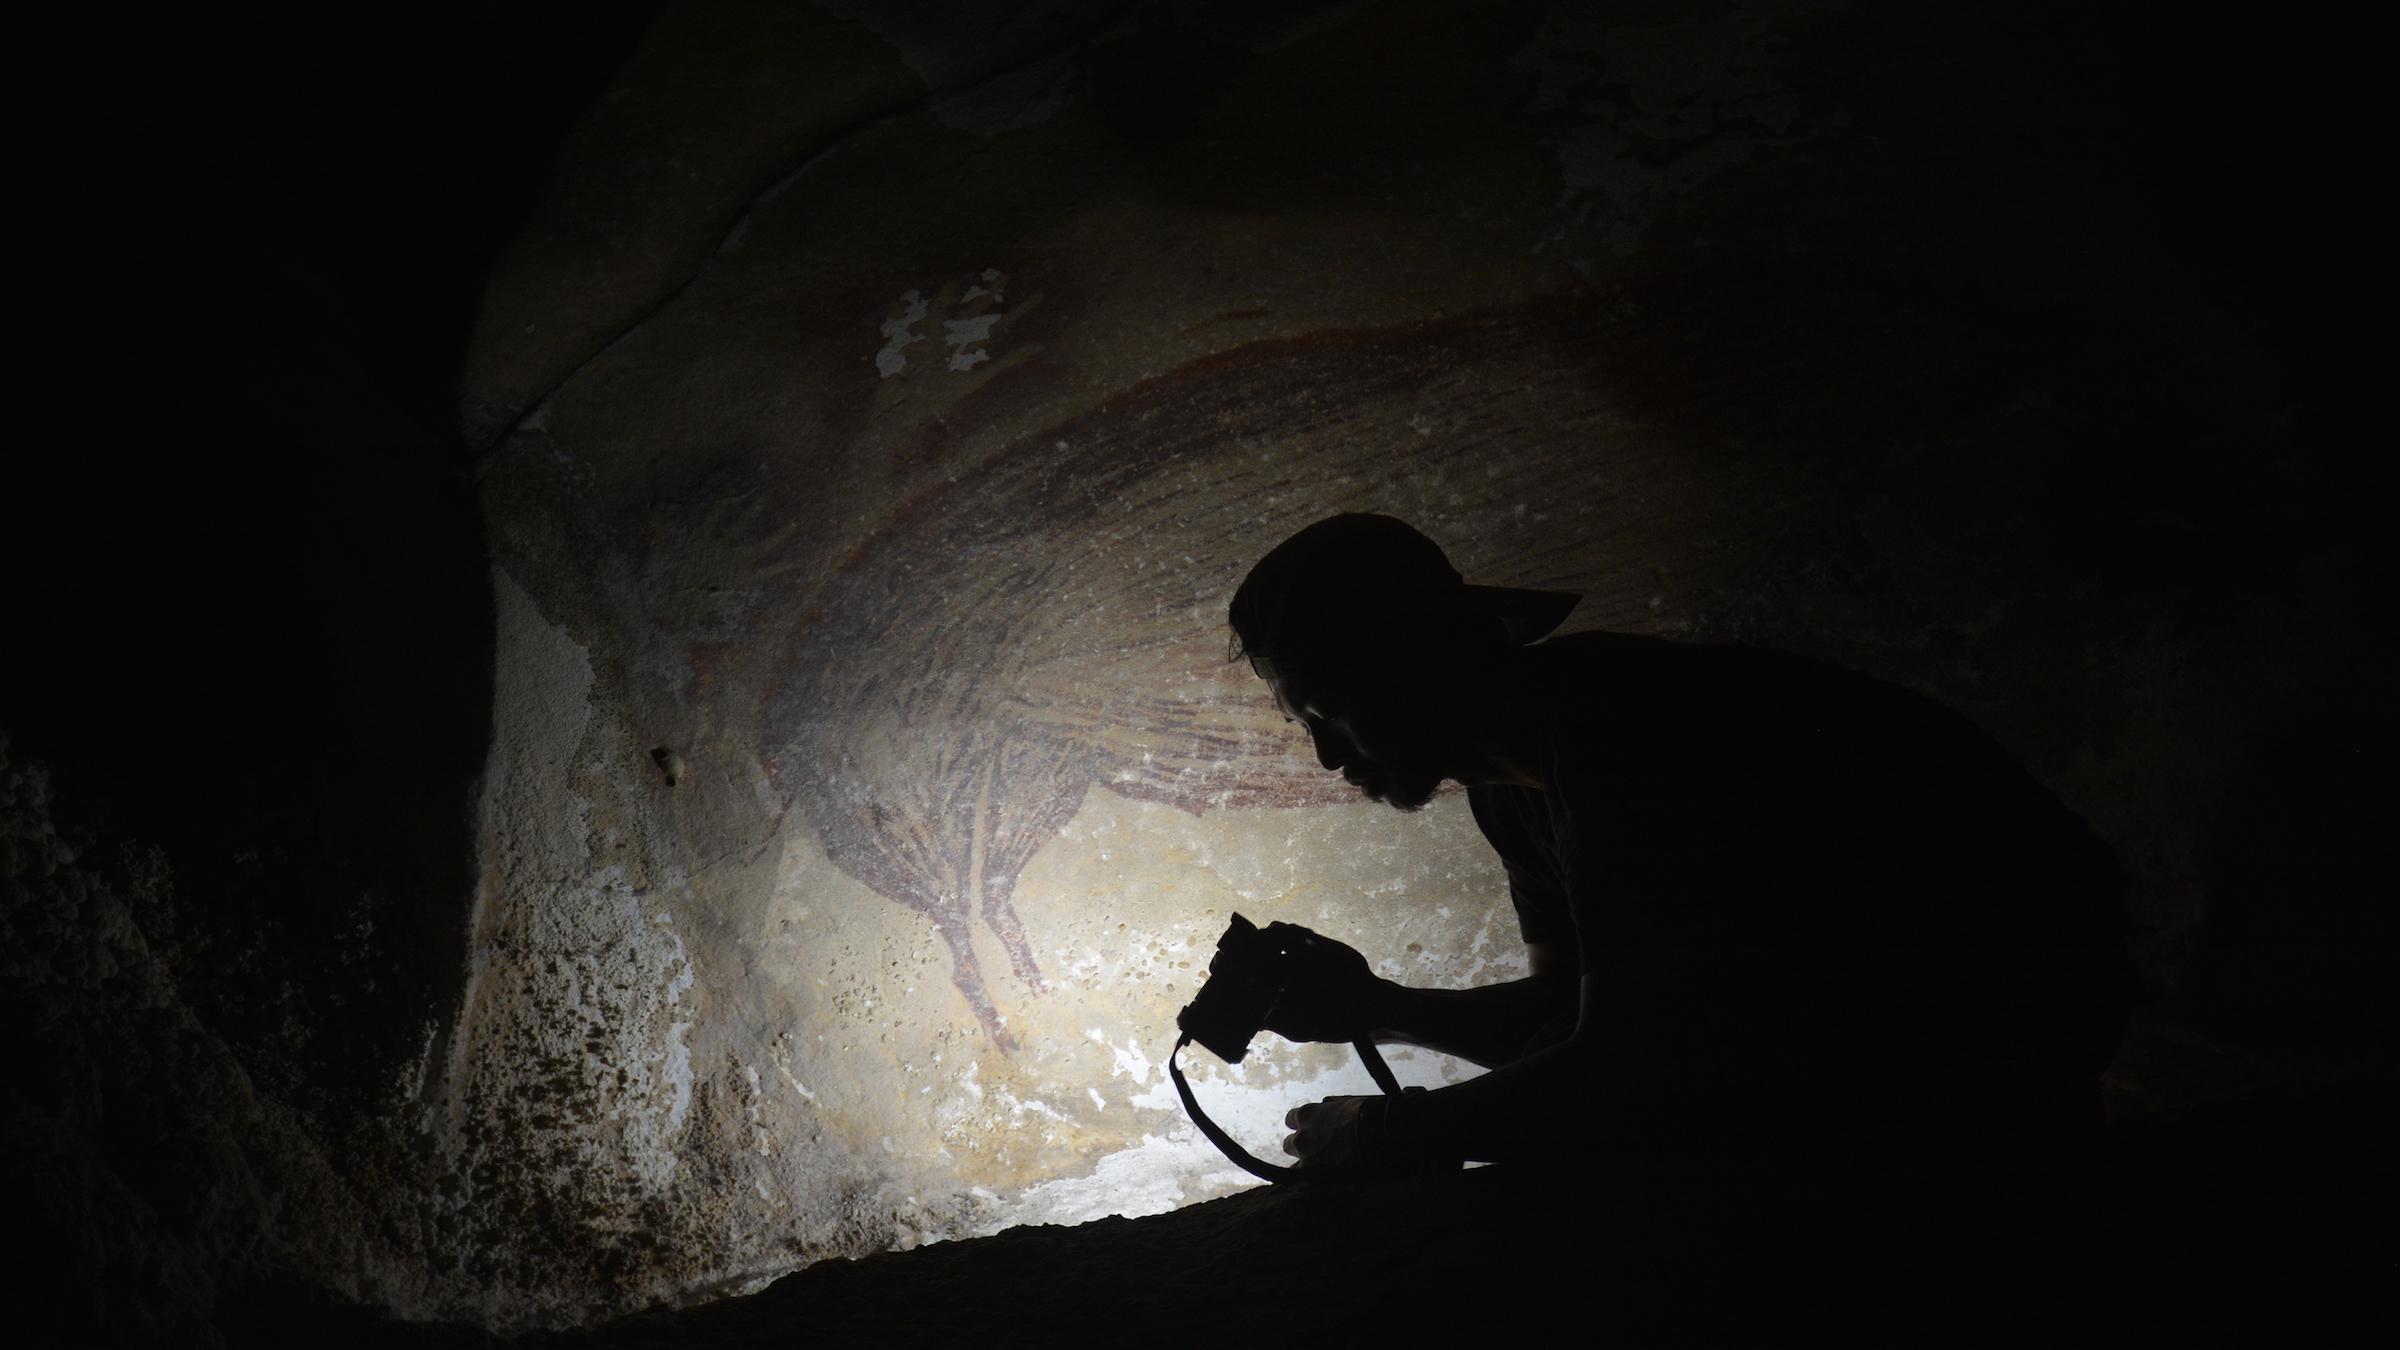 La plus ancienne peinture animalière connue est ce cochon de la grotte Leang Tedongnge en Indonésie.